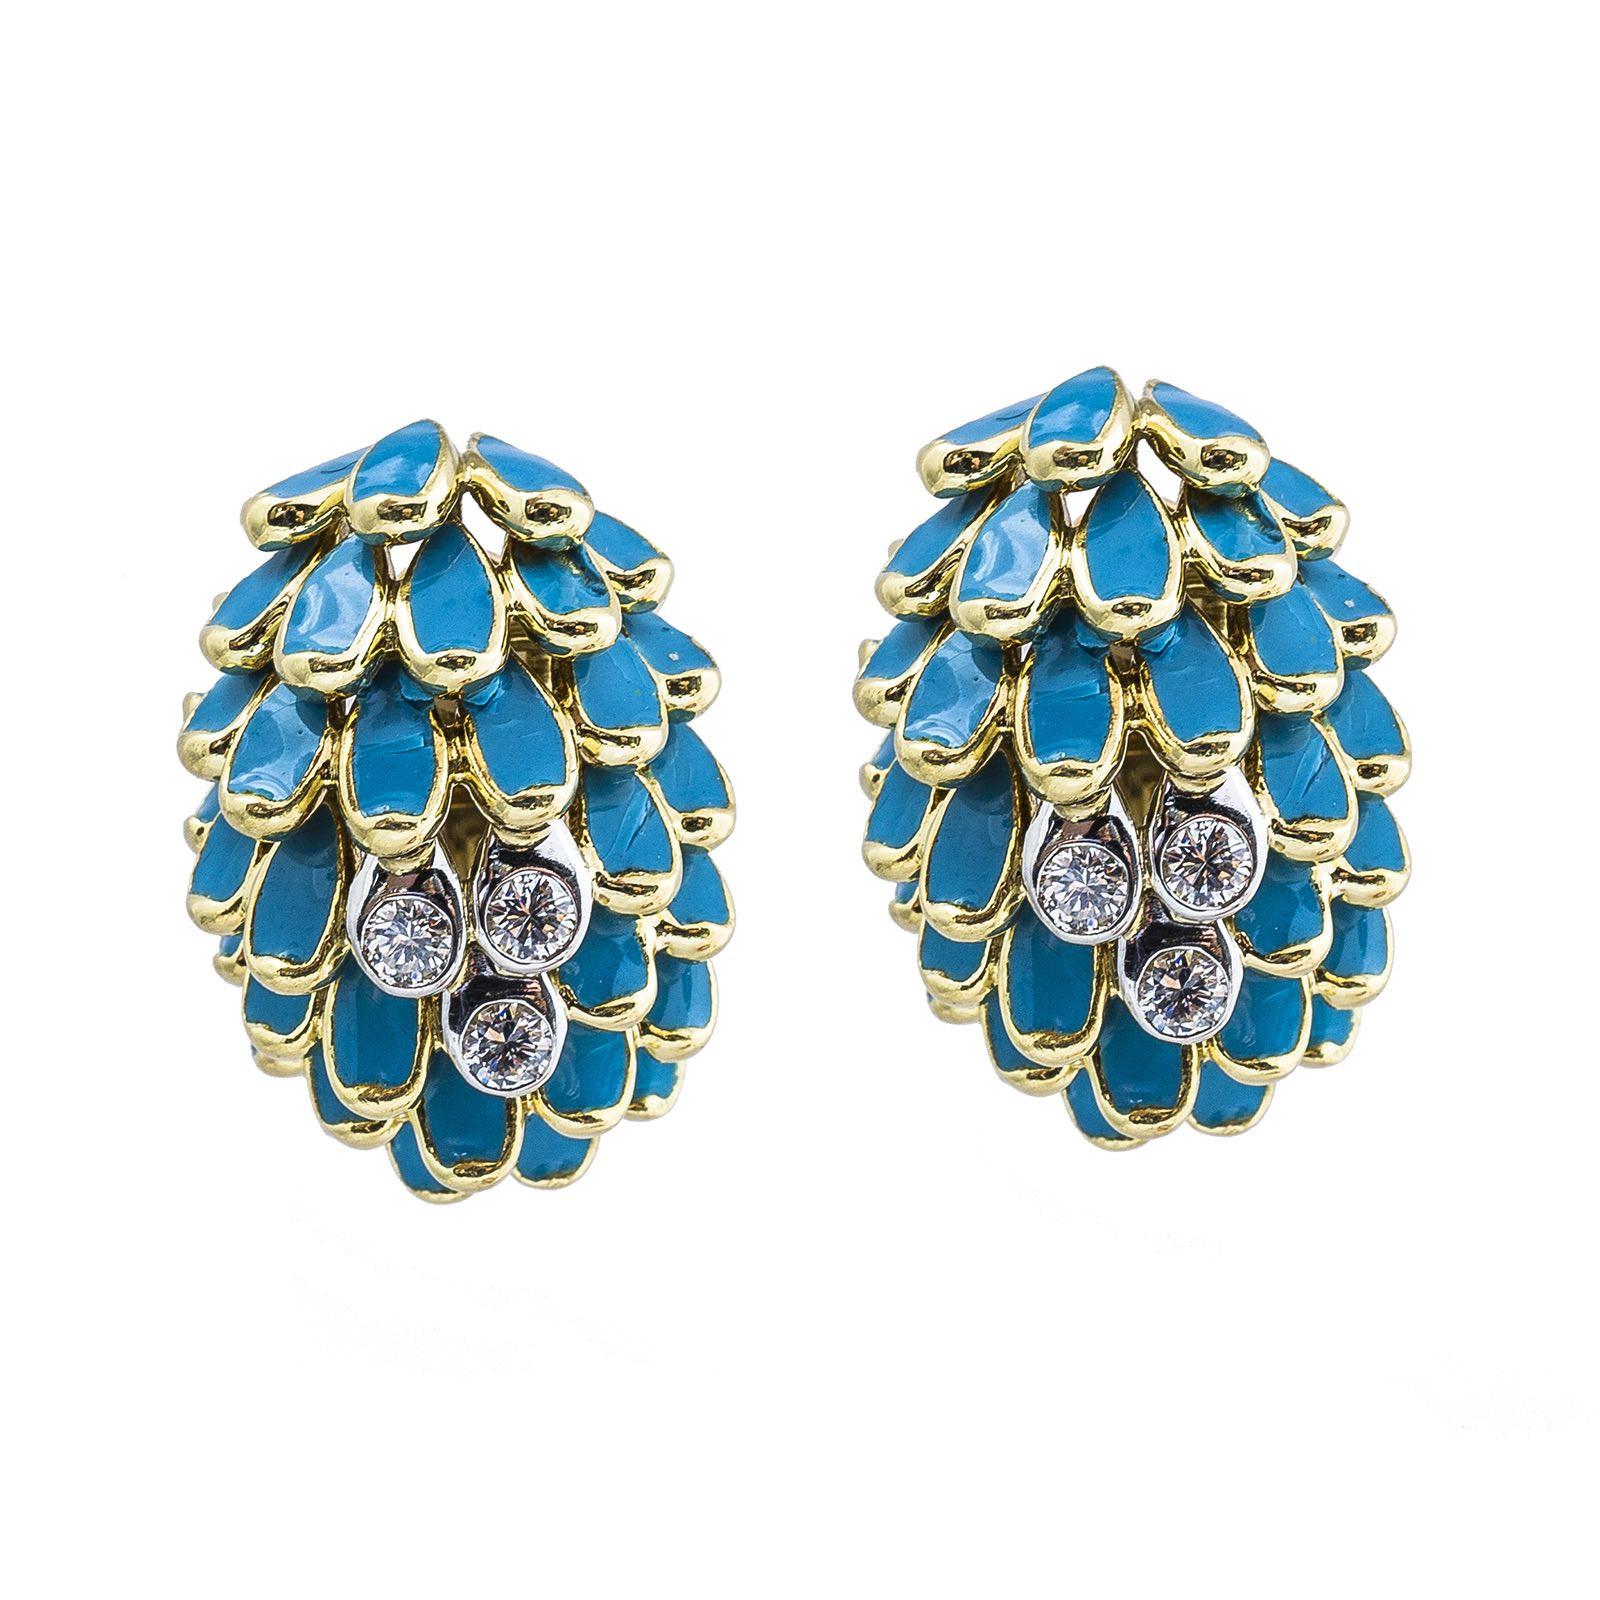 Vintage 0.42 CTW Diamond & Enamel Earrings